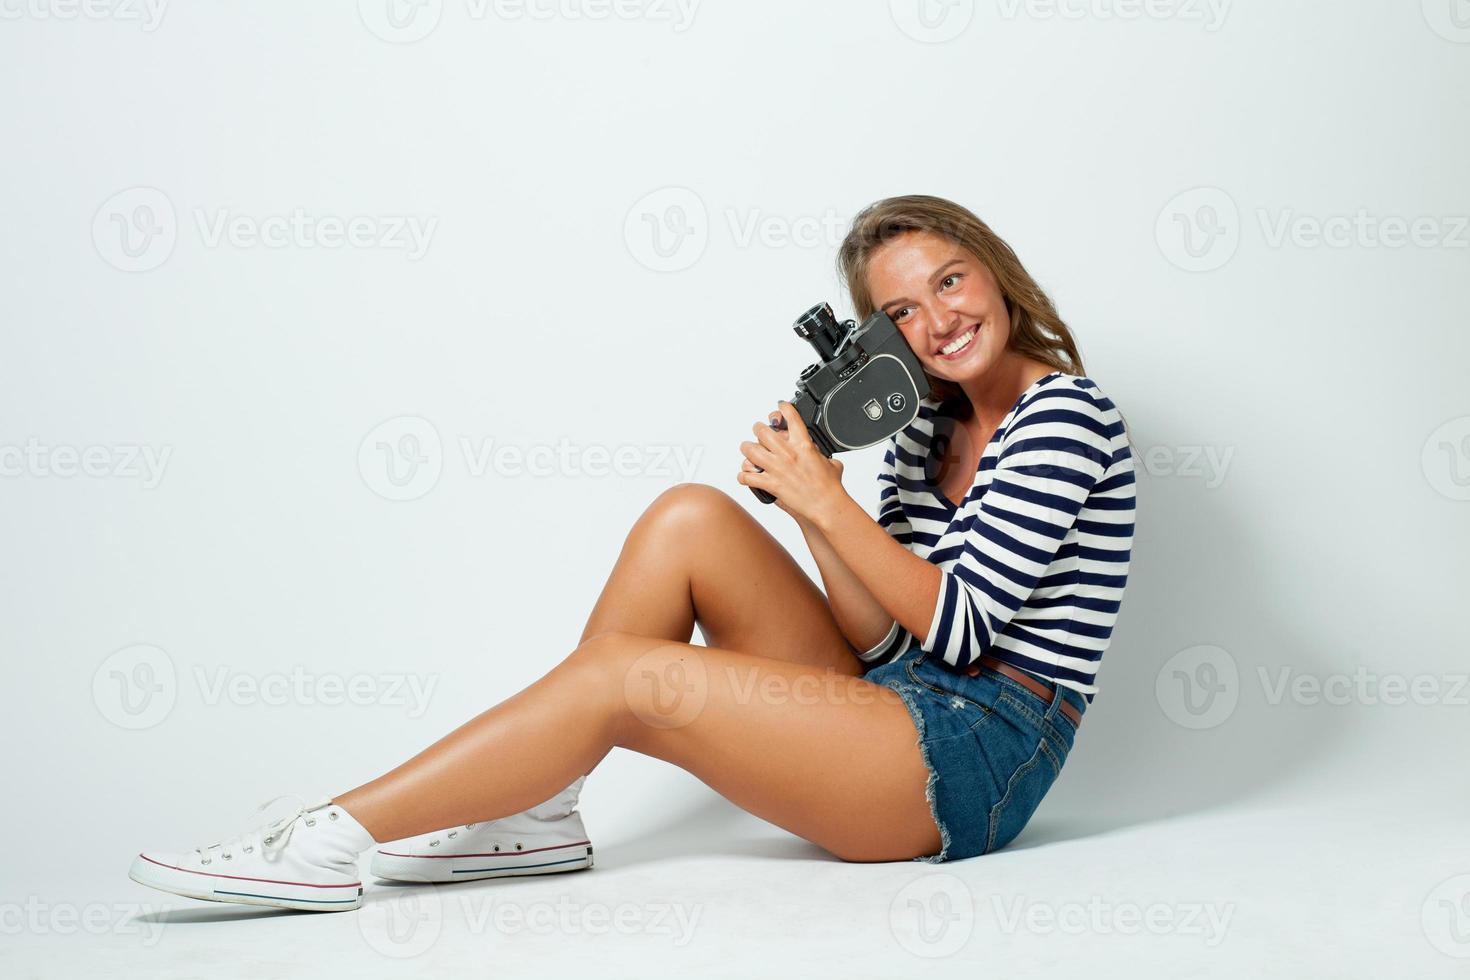 fille avec une caméra rétro 8 mm photo